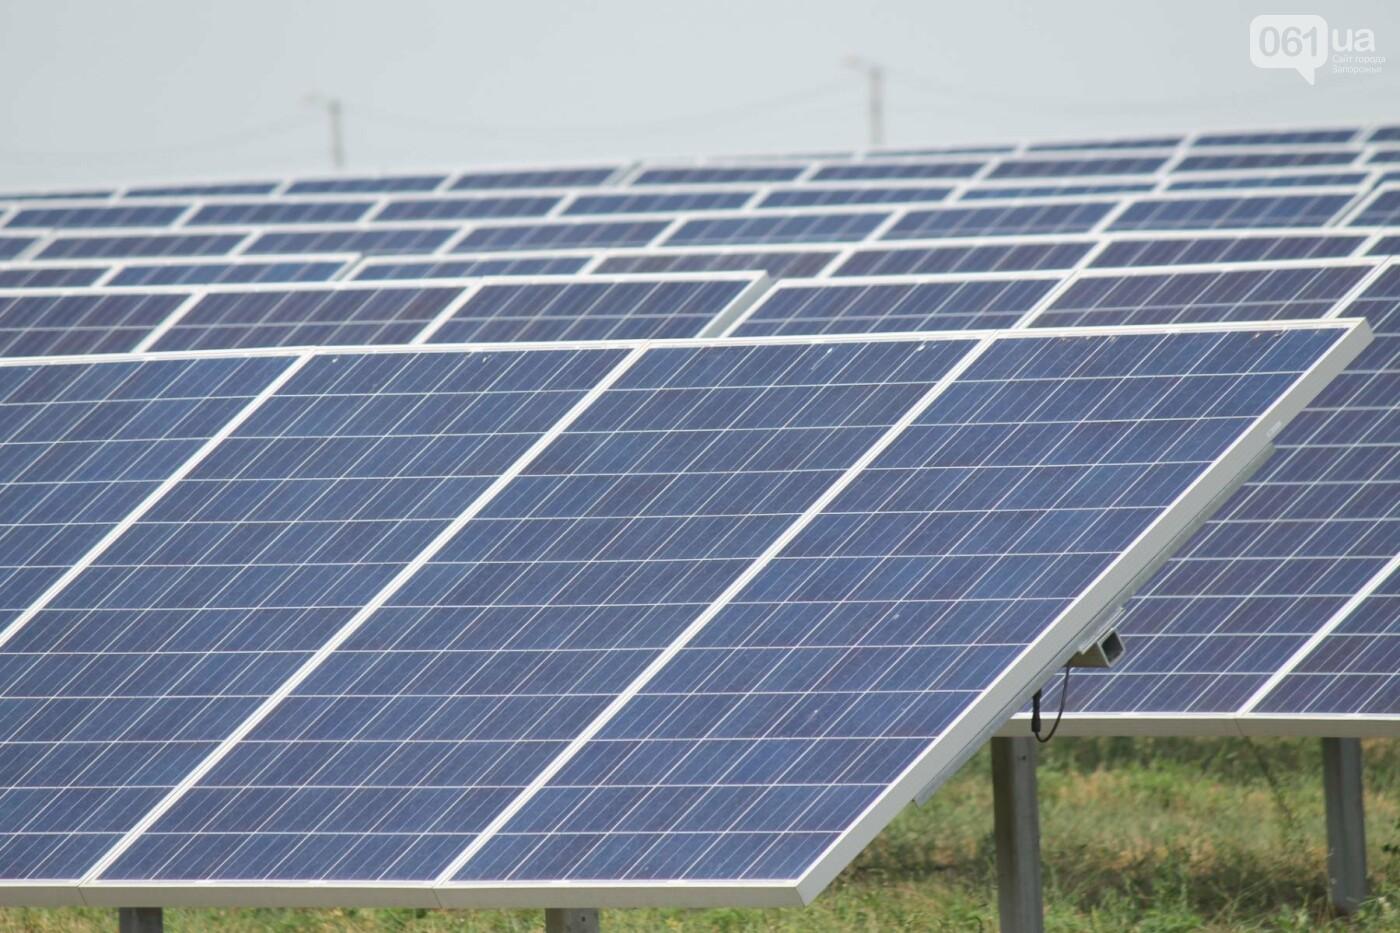 Как в Запорожской области работает крупнейшая в Украине солнечная станция: экскурсия на производство, — ФОТОРЕПОРТАЖ, фото-18